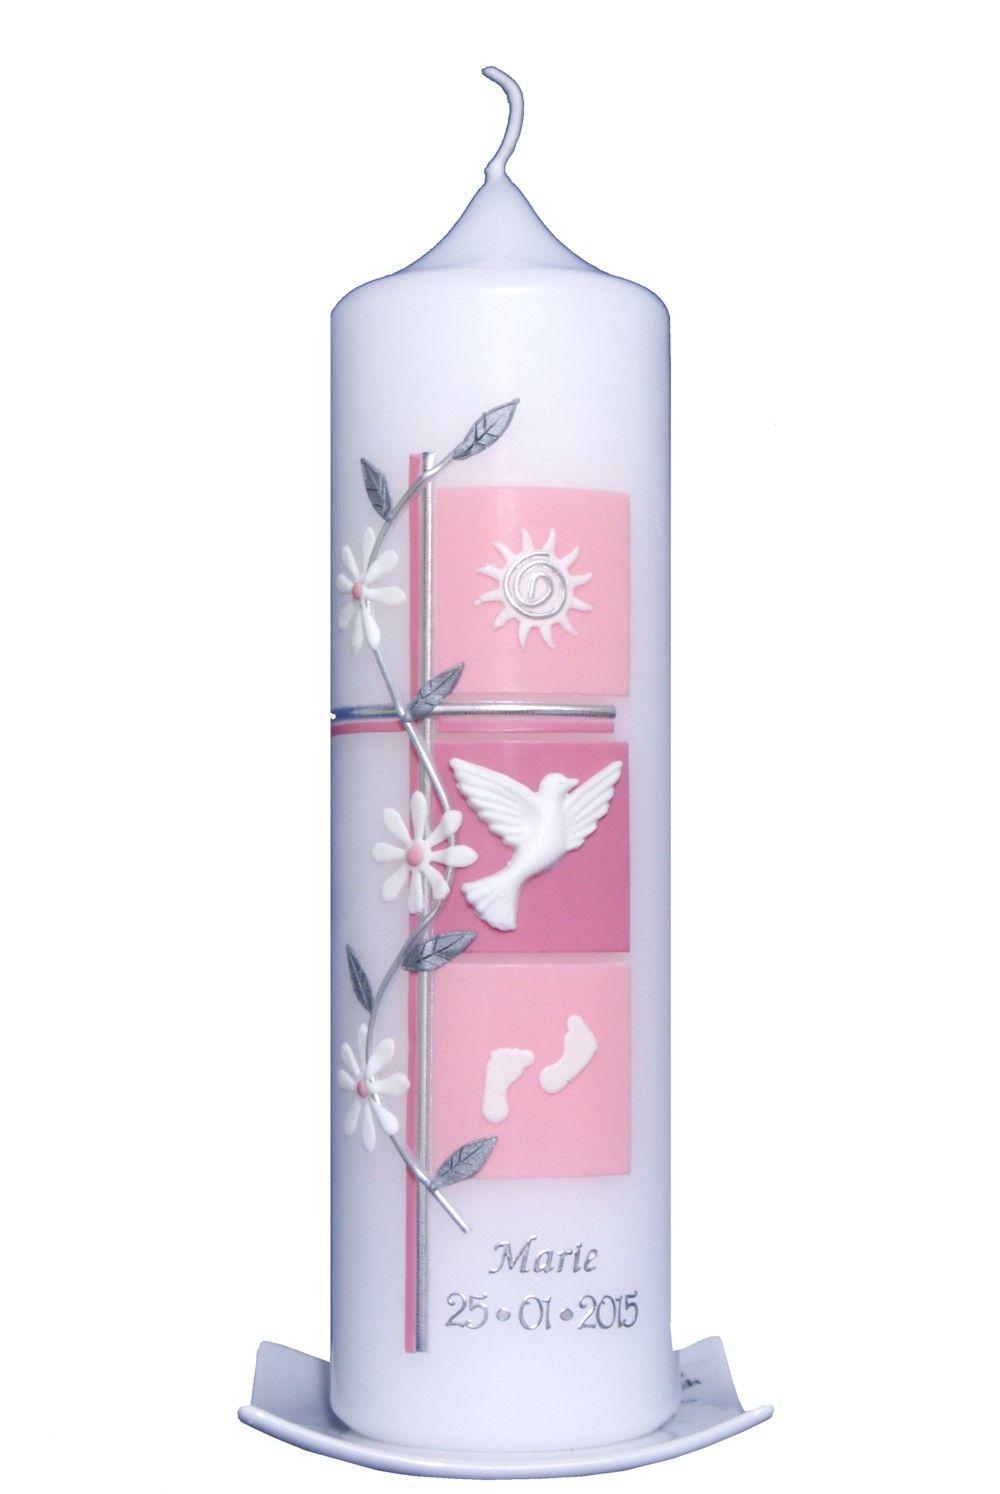 Taufkerze Kreuz pink silber Wachsverzierung Taufkerze Mädchen mit Name und Datum